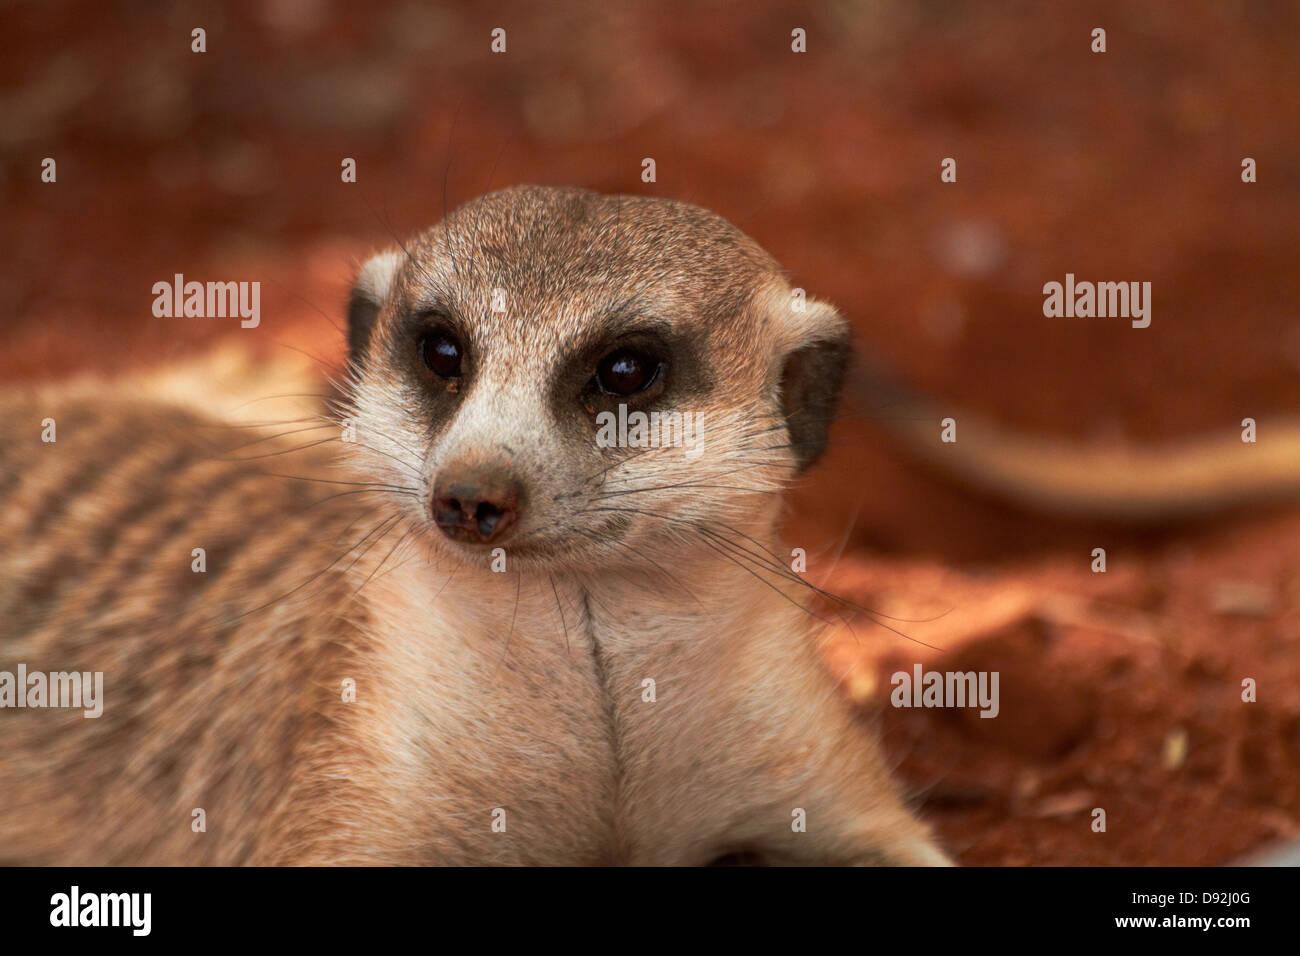 Meerkat or suricate, (Suricata suricatta), Tiras Mountains, Southern Namibia, Africa - Stock Image